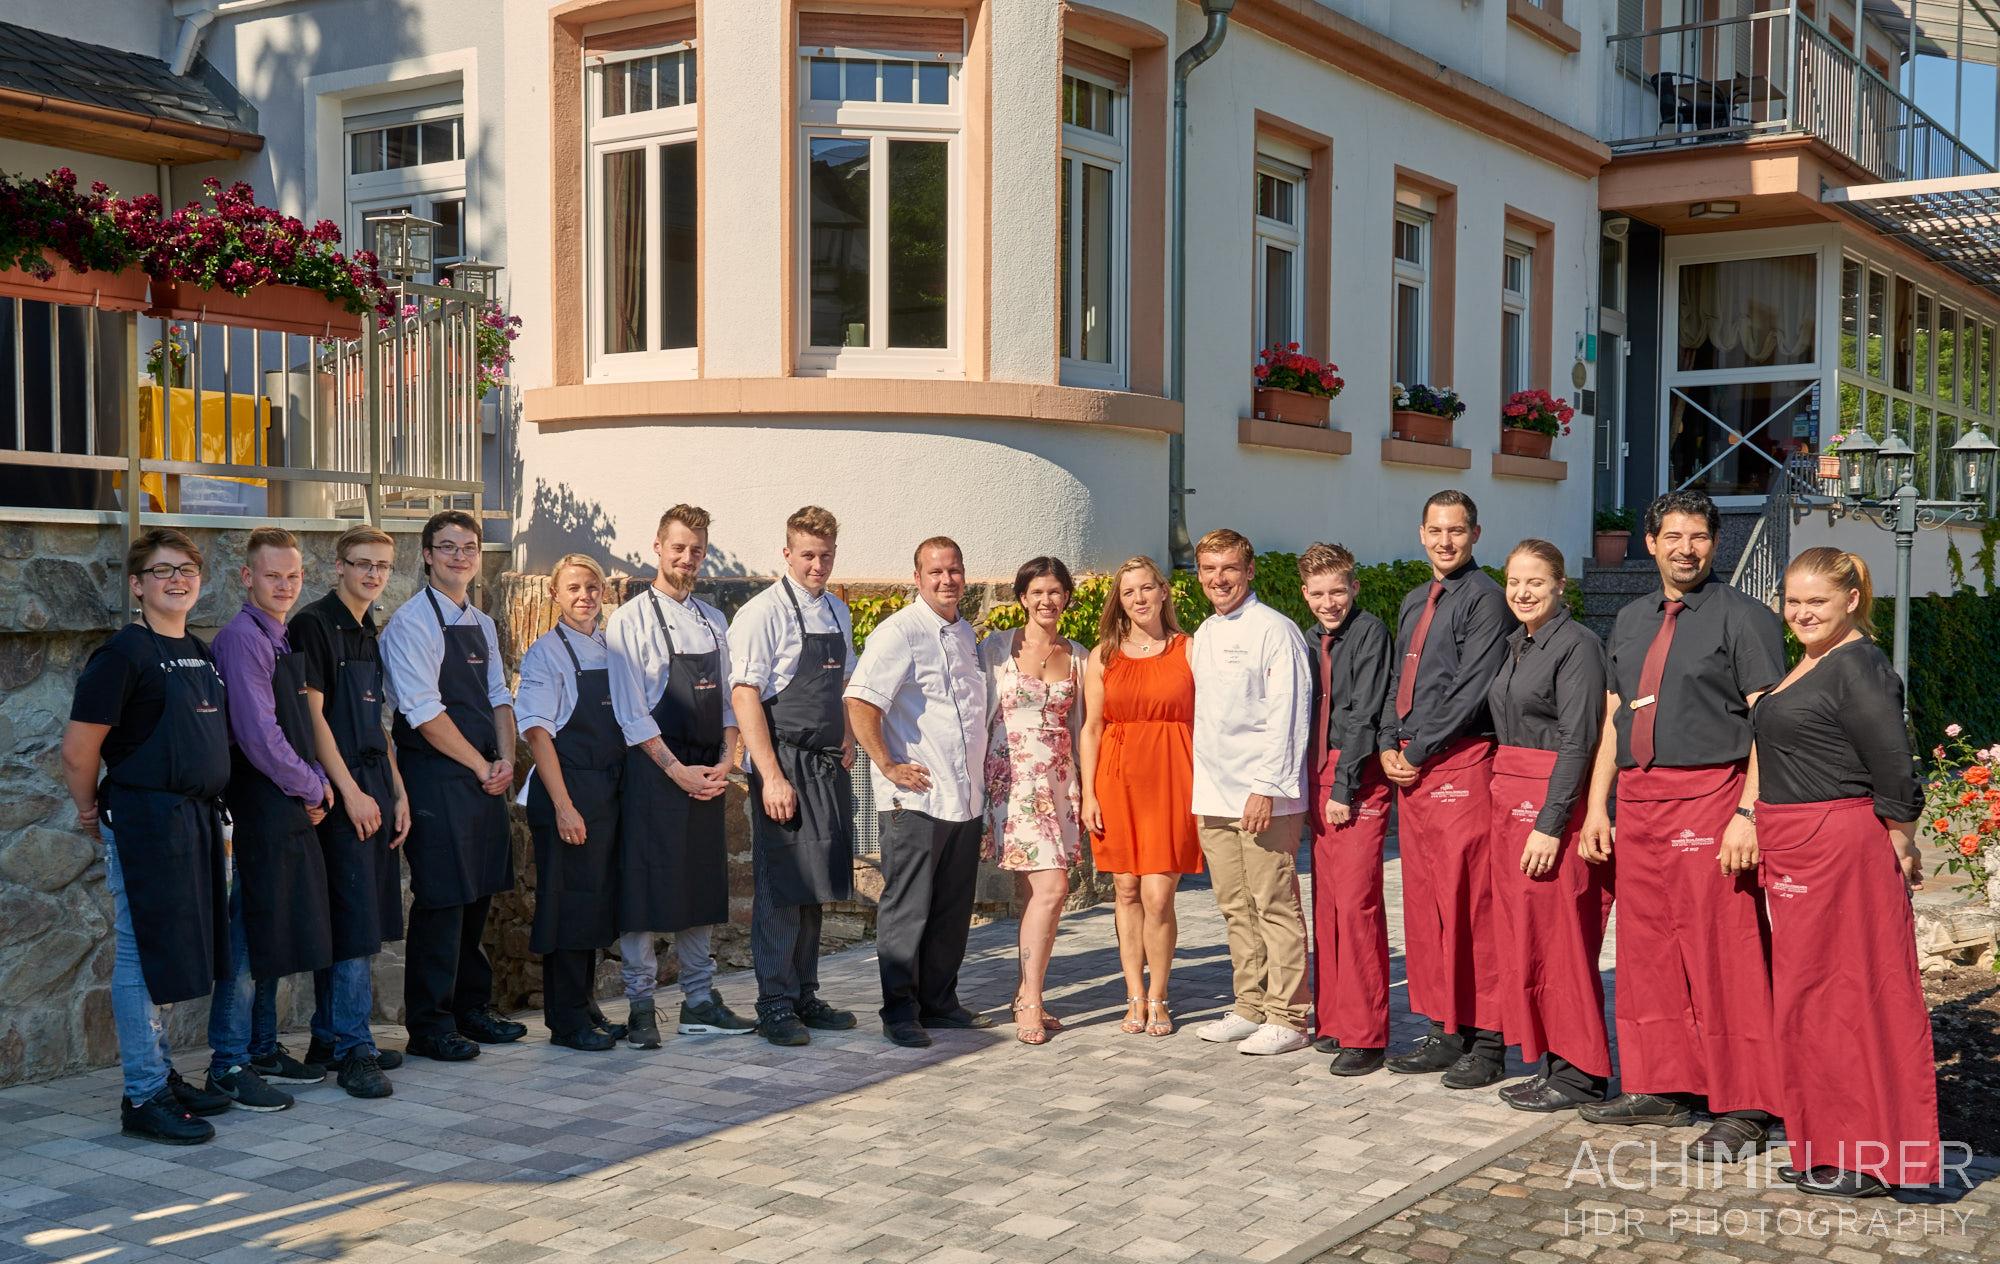 Hotel-Weinbergschloesschen-60-Jahre_9520 by AchimMeurer.com .